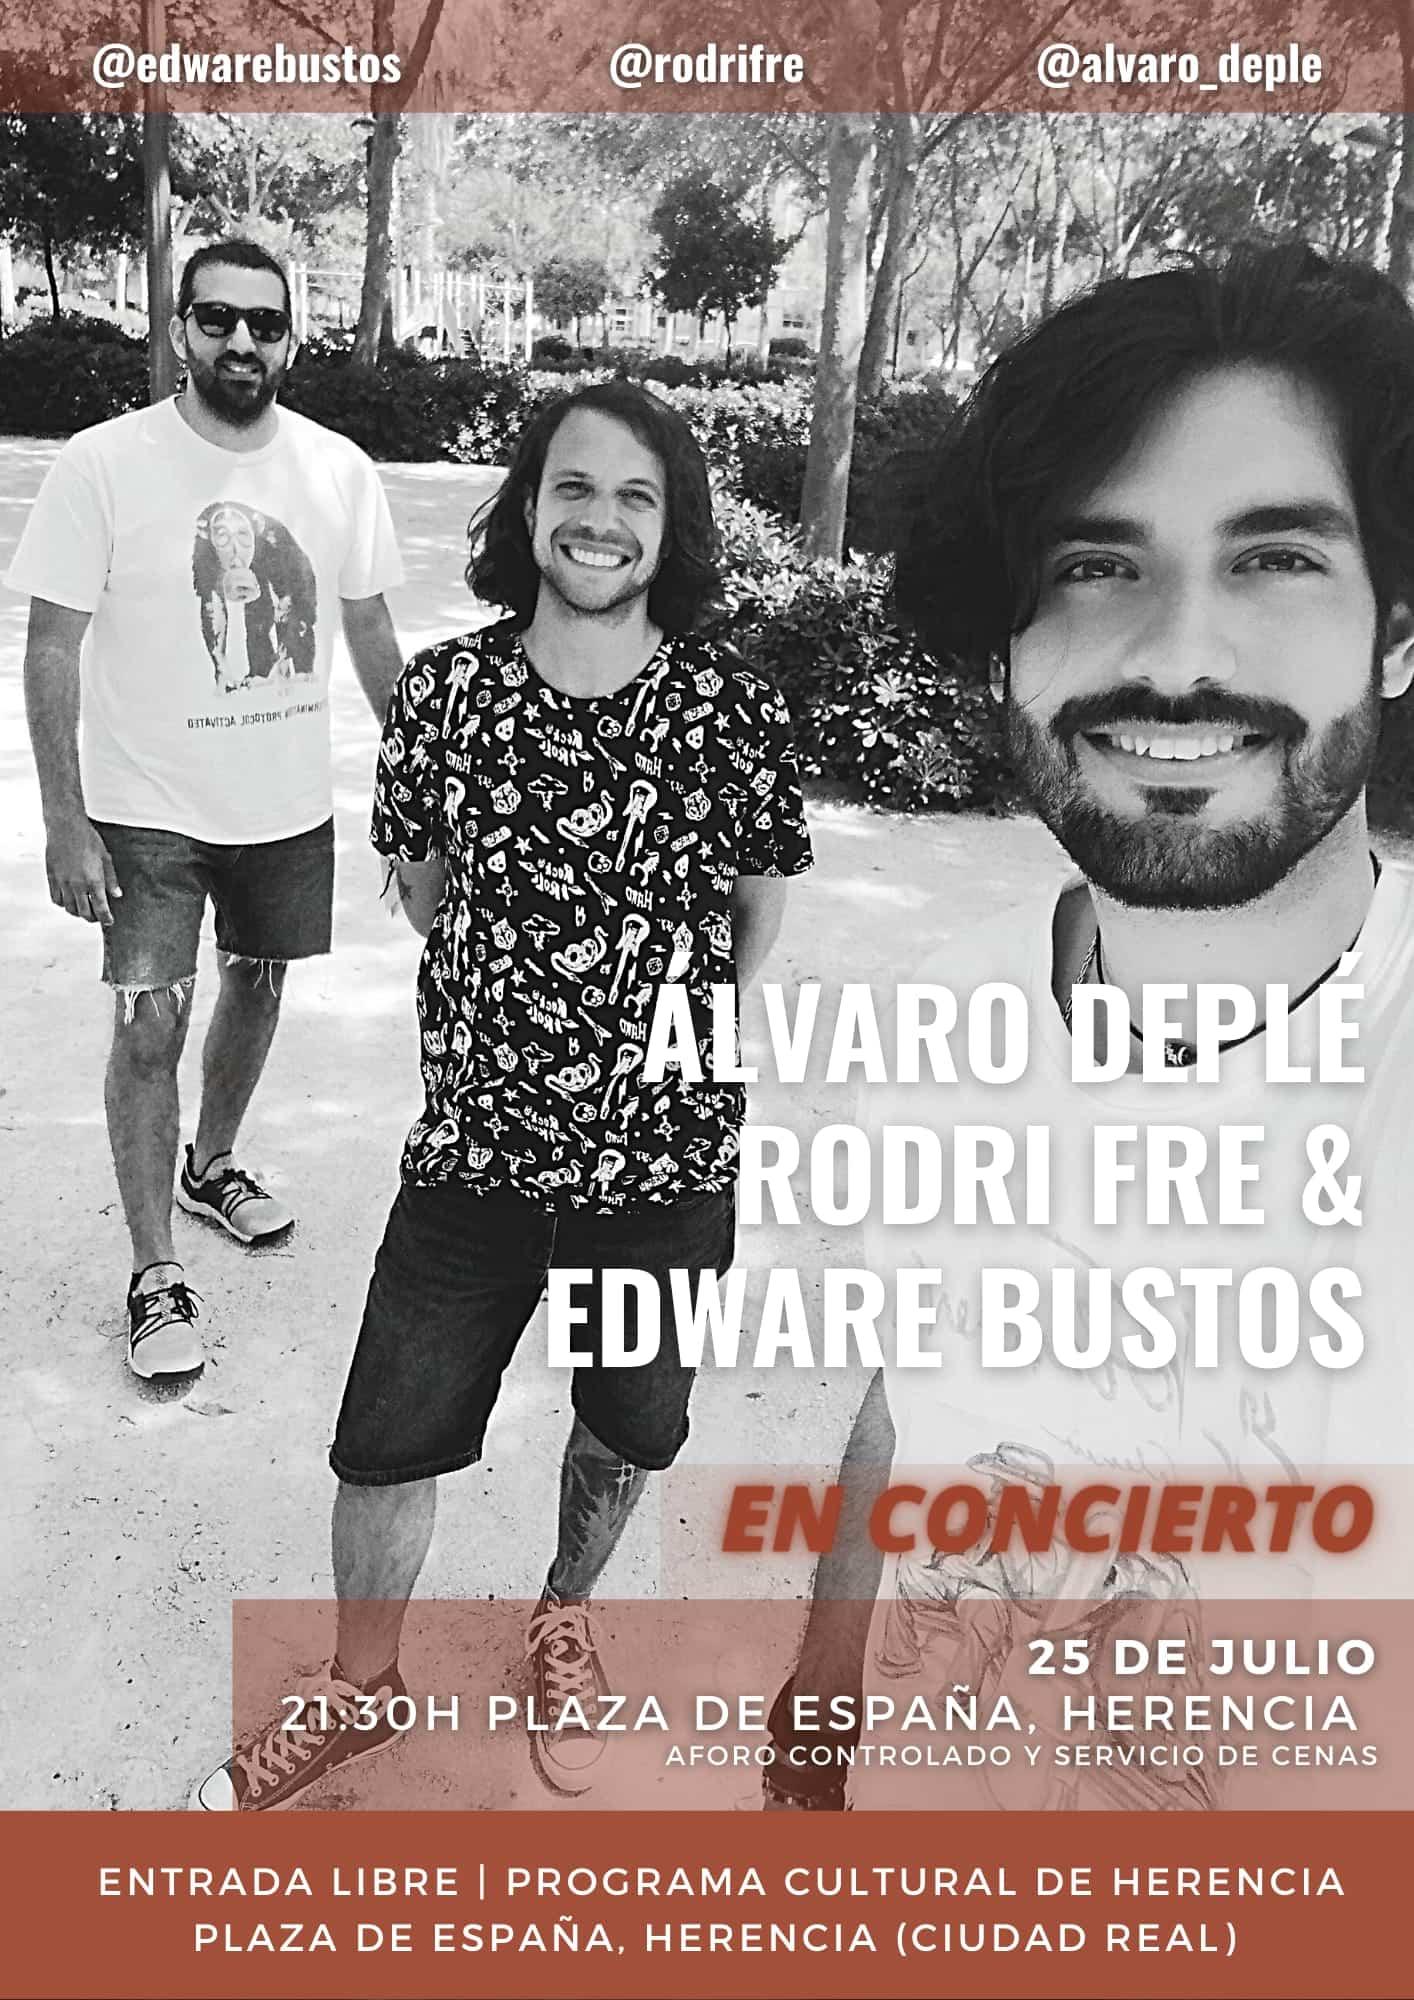 Concierto Álvaro Deplé, Rodri Fre y Edware Bustos el 25 de julio en Herencia 7